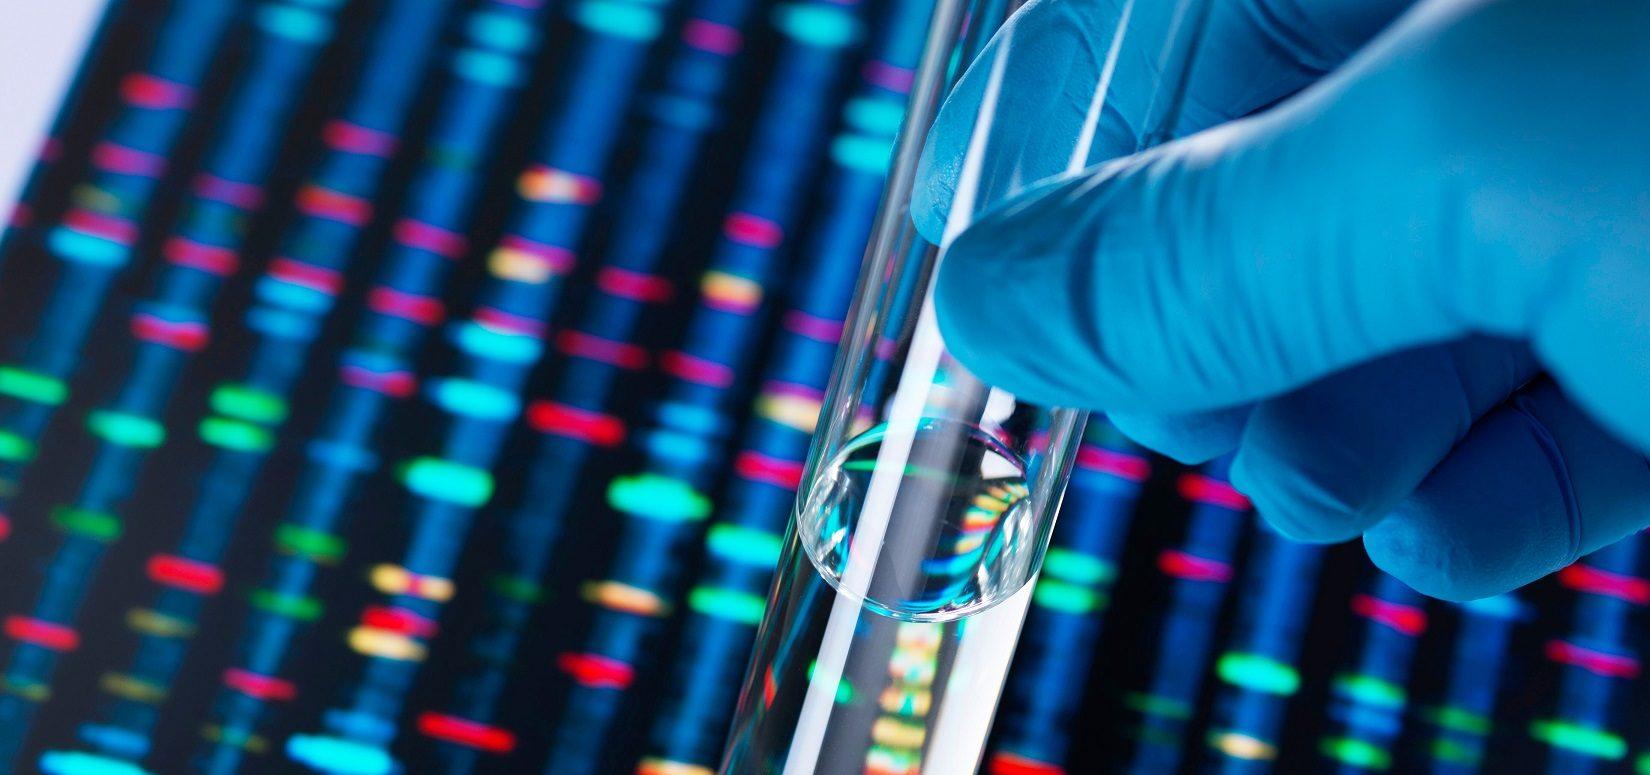 Genomica, elaborazione accelerata grazie all'AI